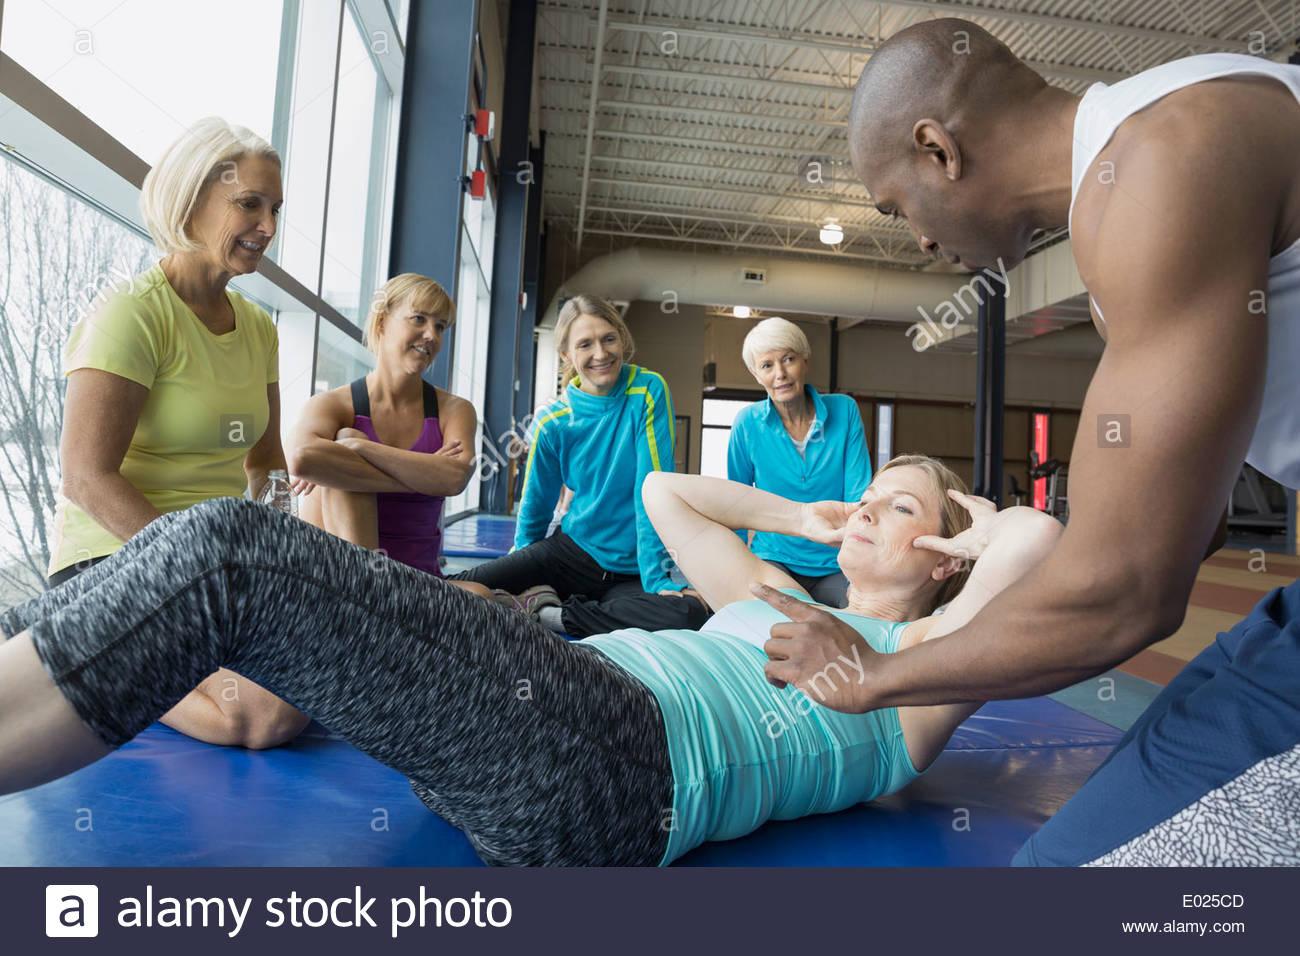 Entrenador personal Woman甄s rectores Sit-ups en el gimnasio Imagen De Stock